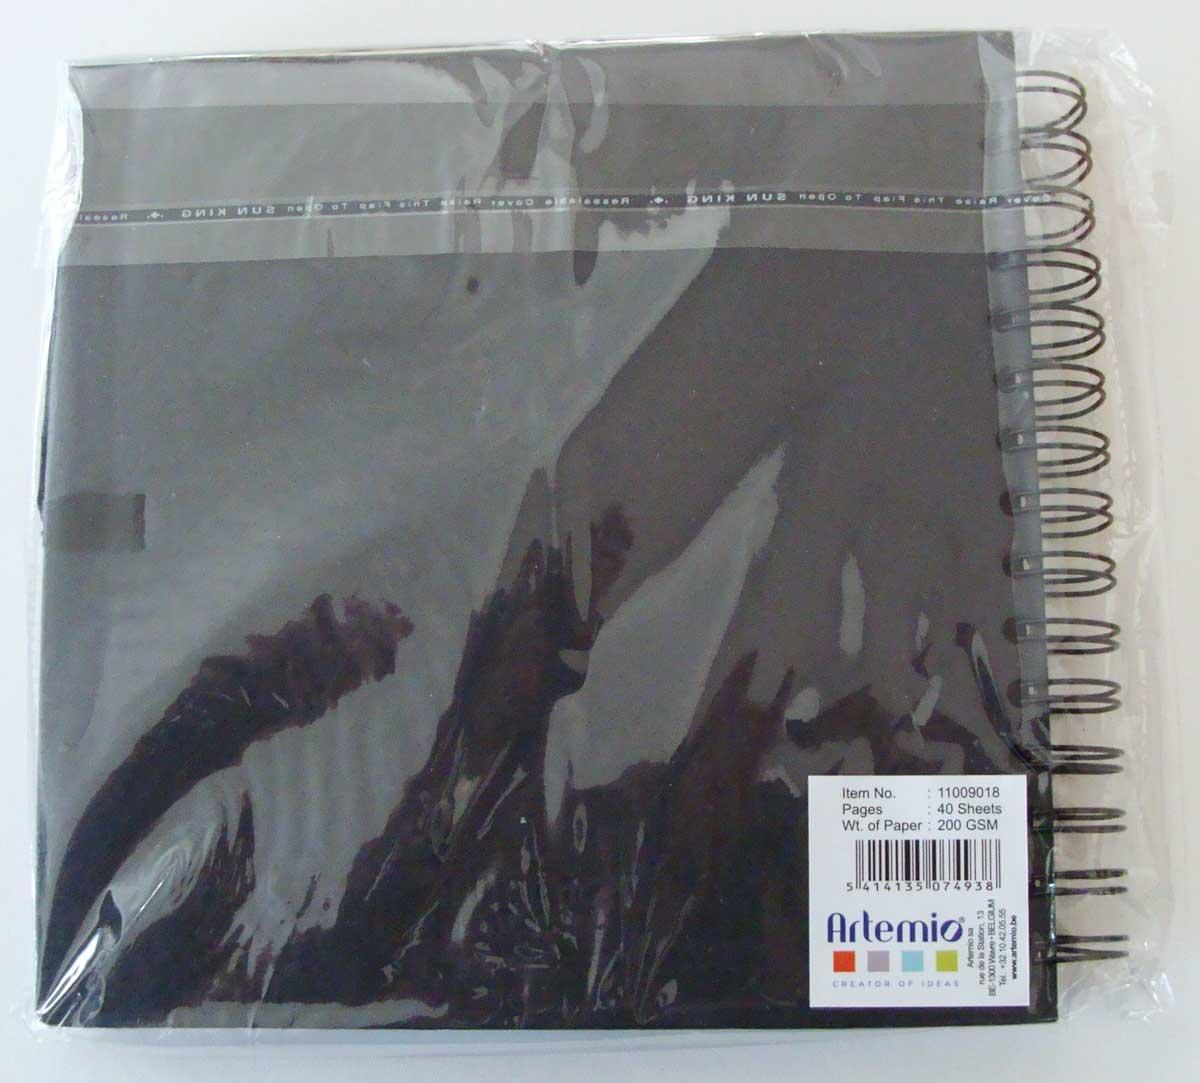 album scrapbooking pages noires